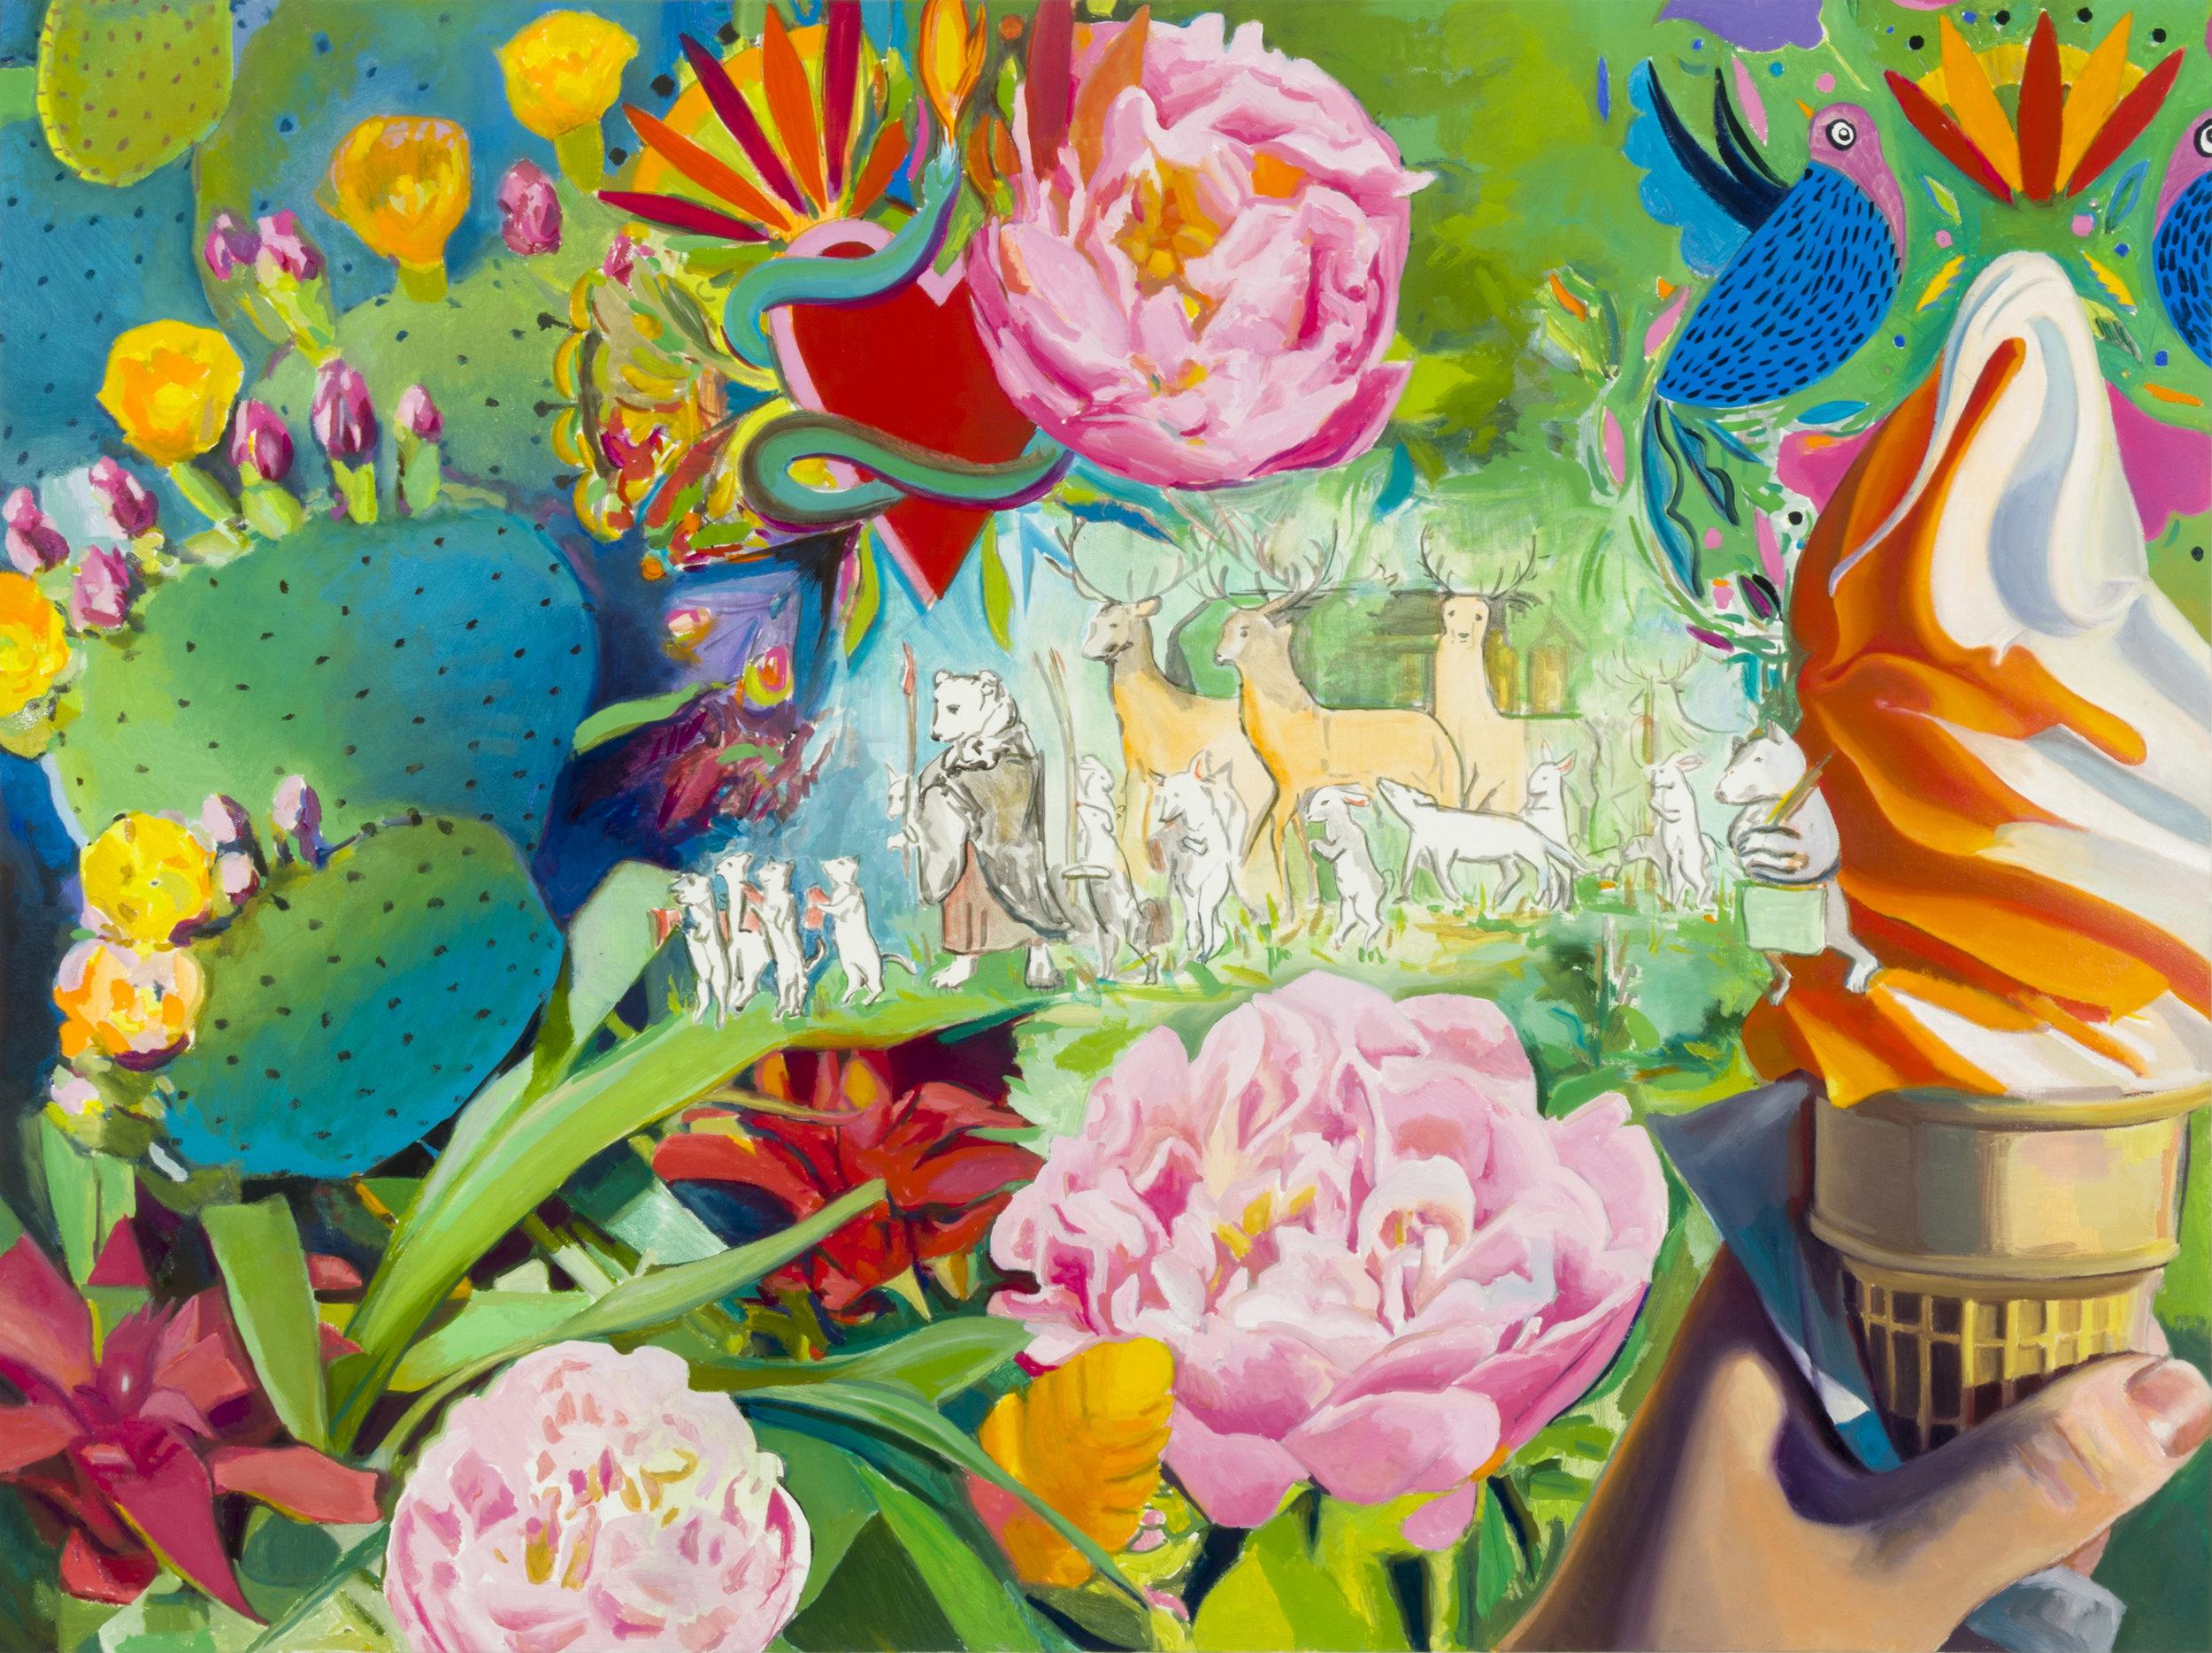 Bricher_i cacciatori di fiori.jpg